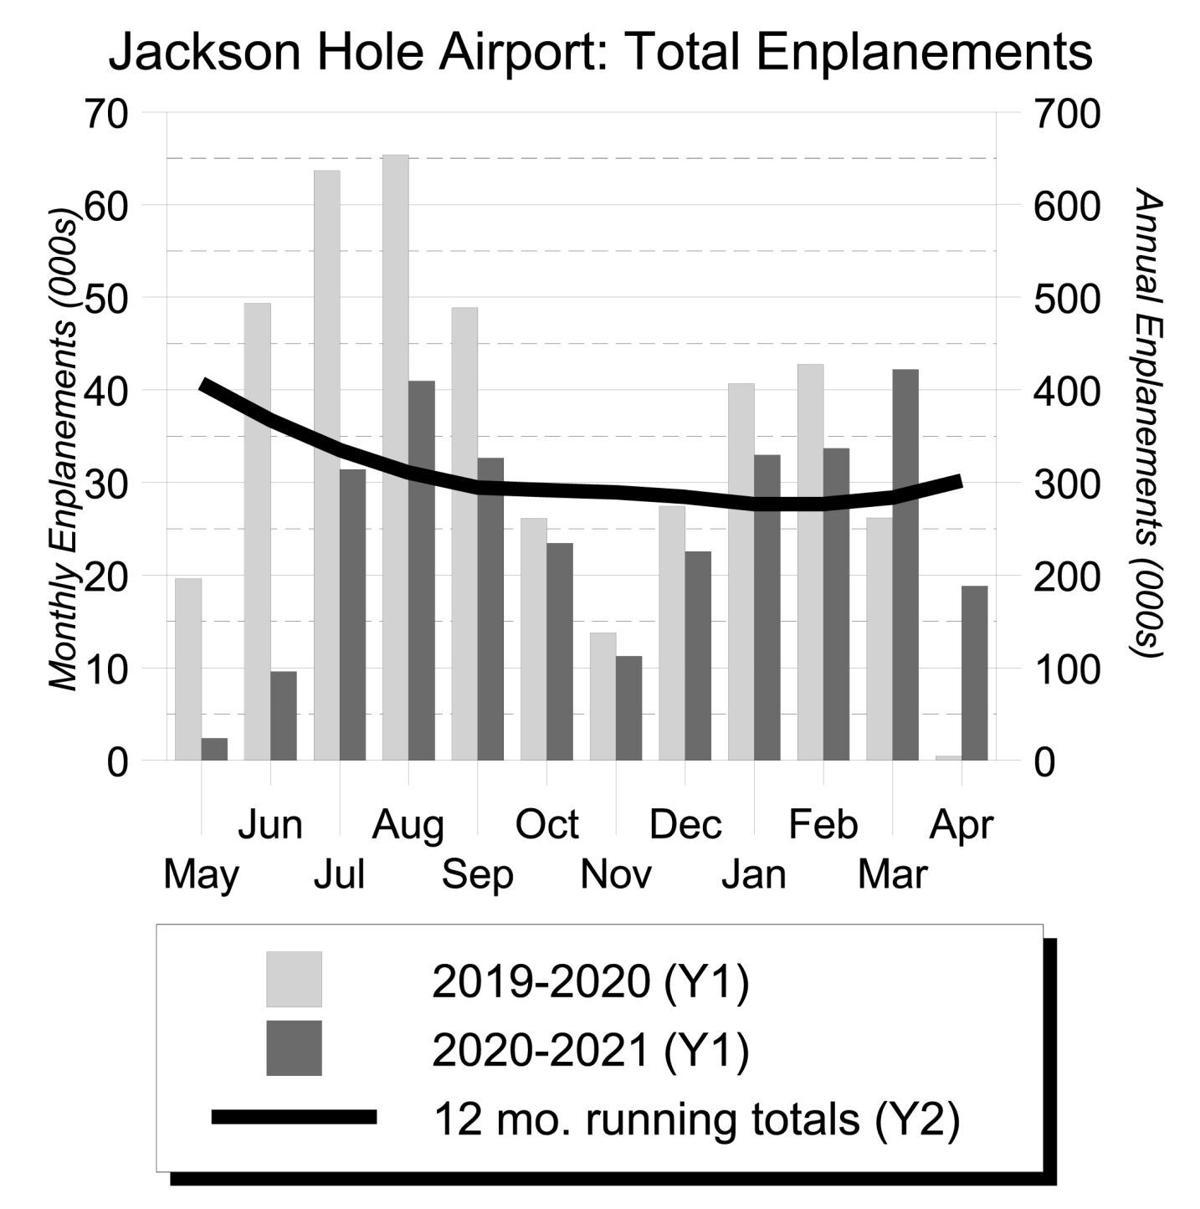 Jackson Hole Airport - Total Enplanements